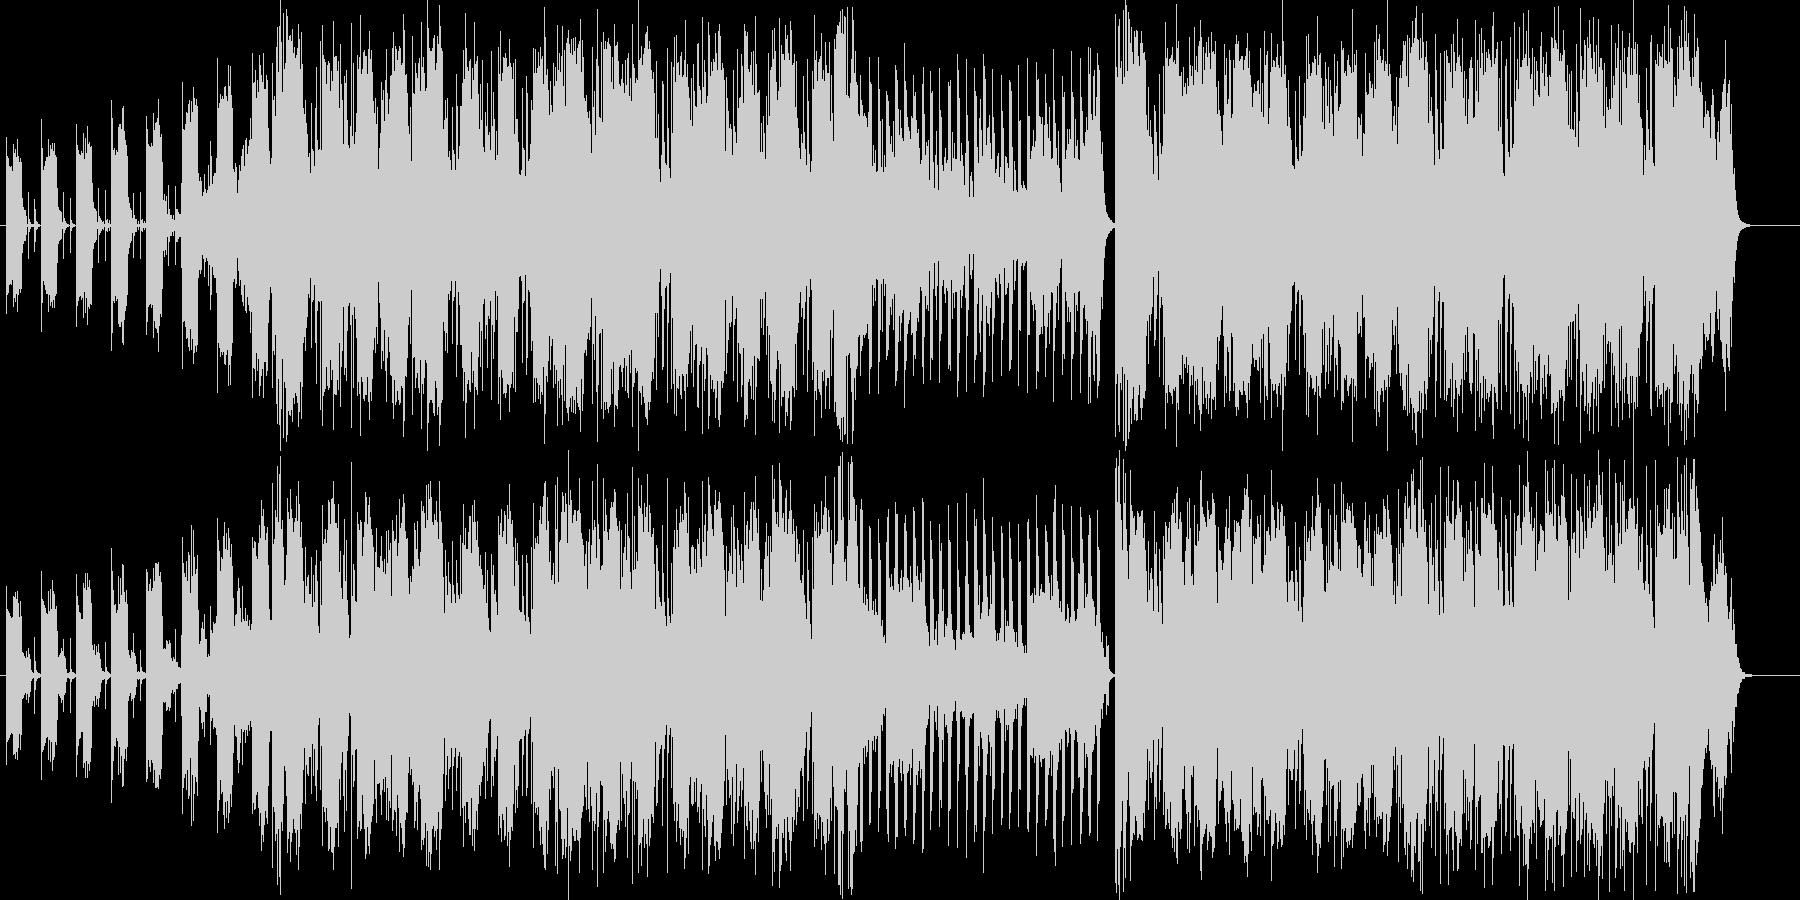 何かの事件を追っているようなイメージの曲の未再生の波形